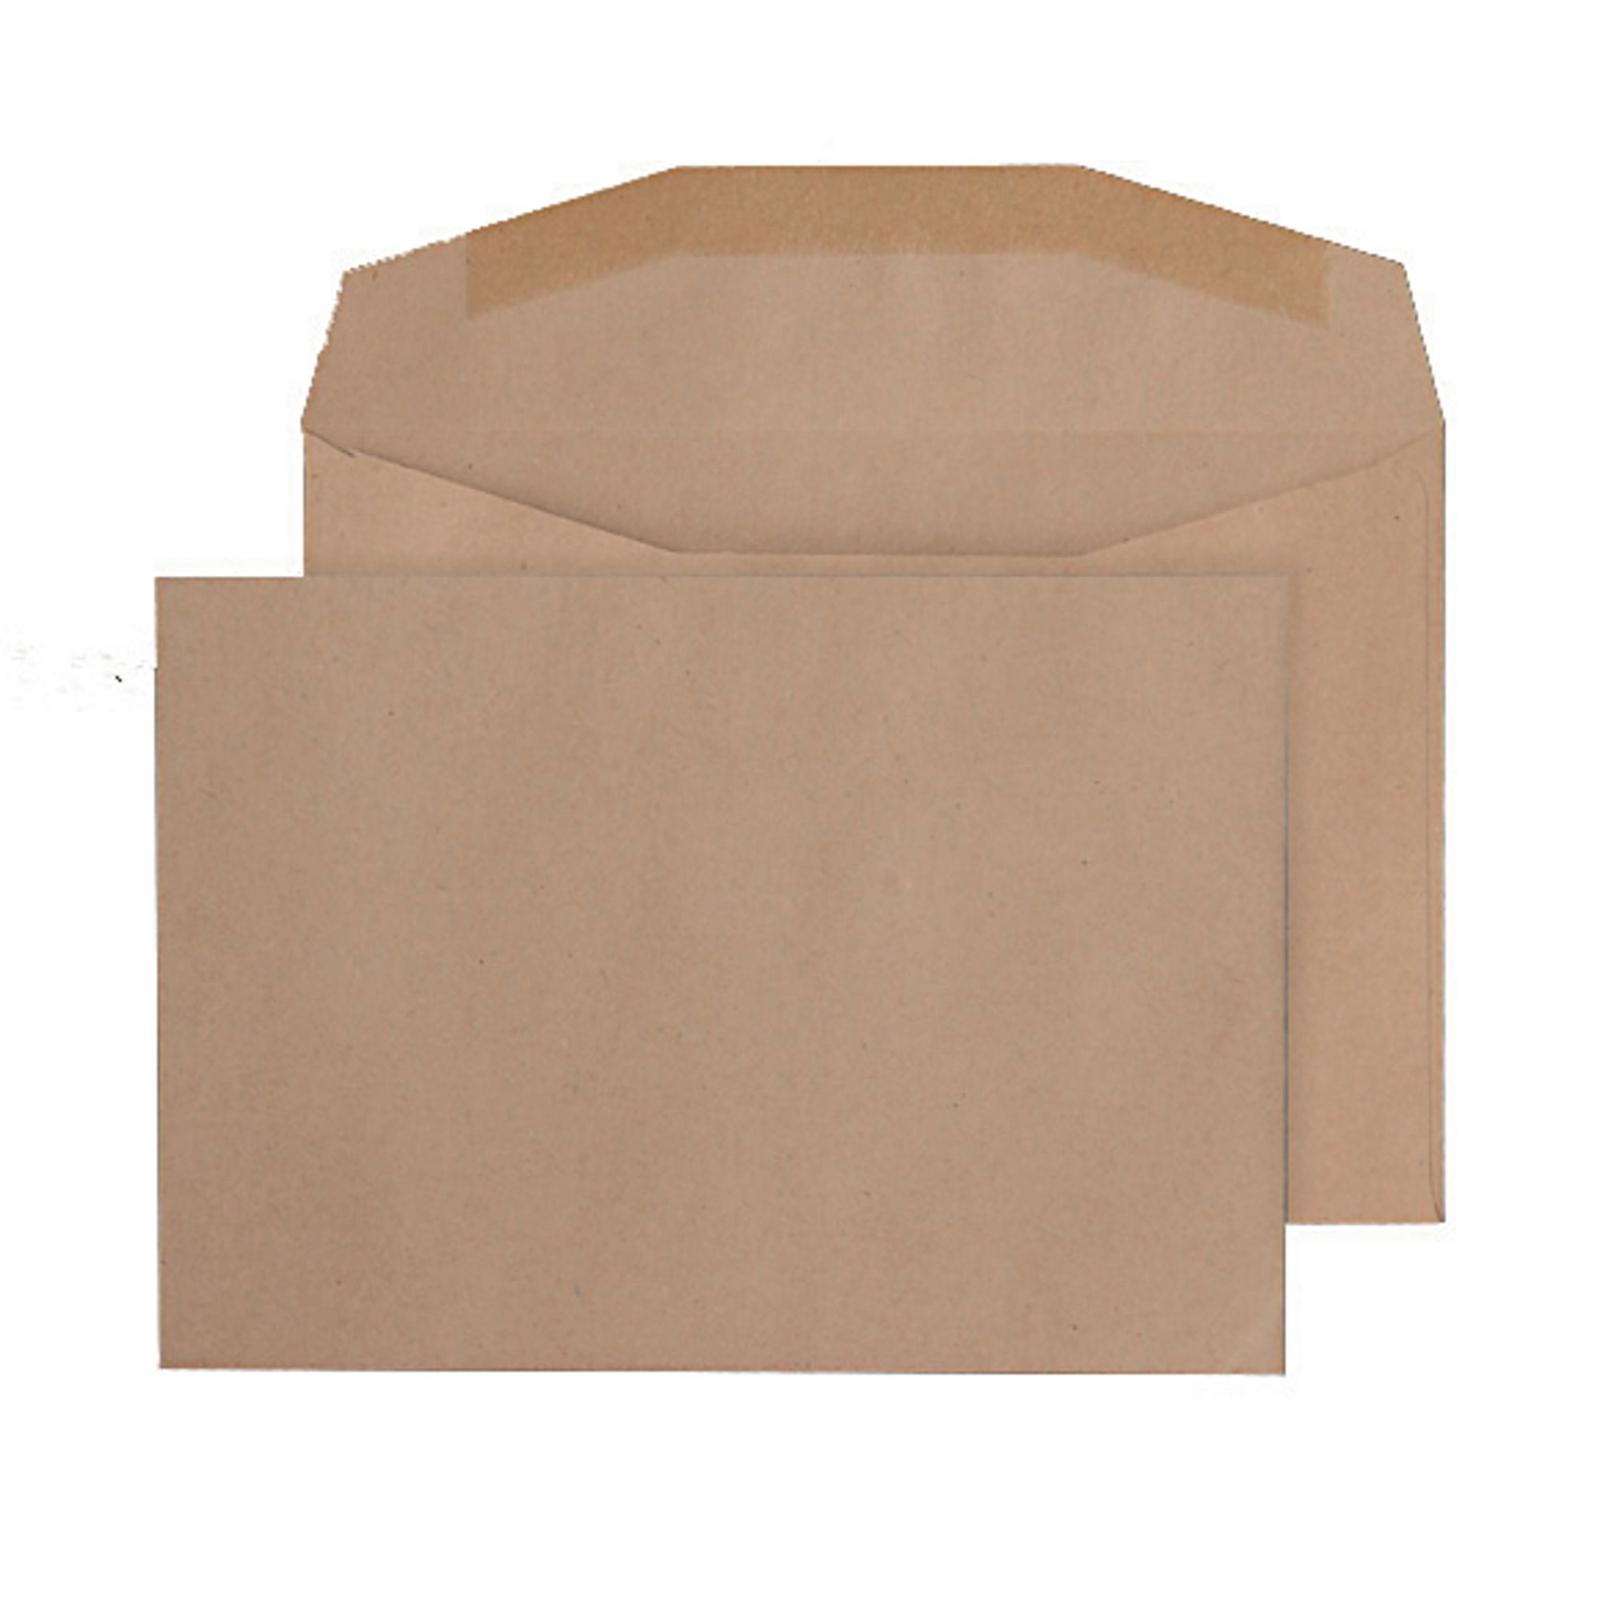 C6 Manilla Buff Gummed Pocket Envelopes - Box of 1000